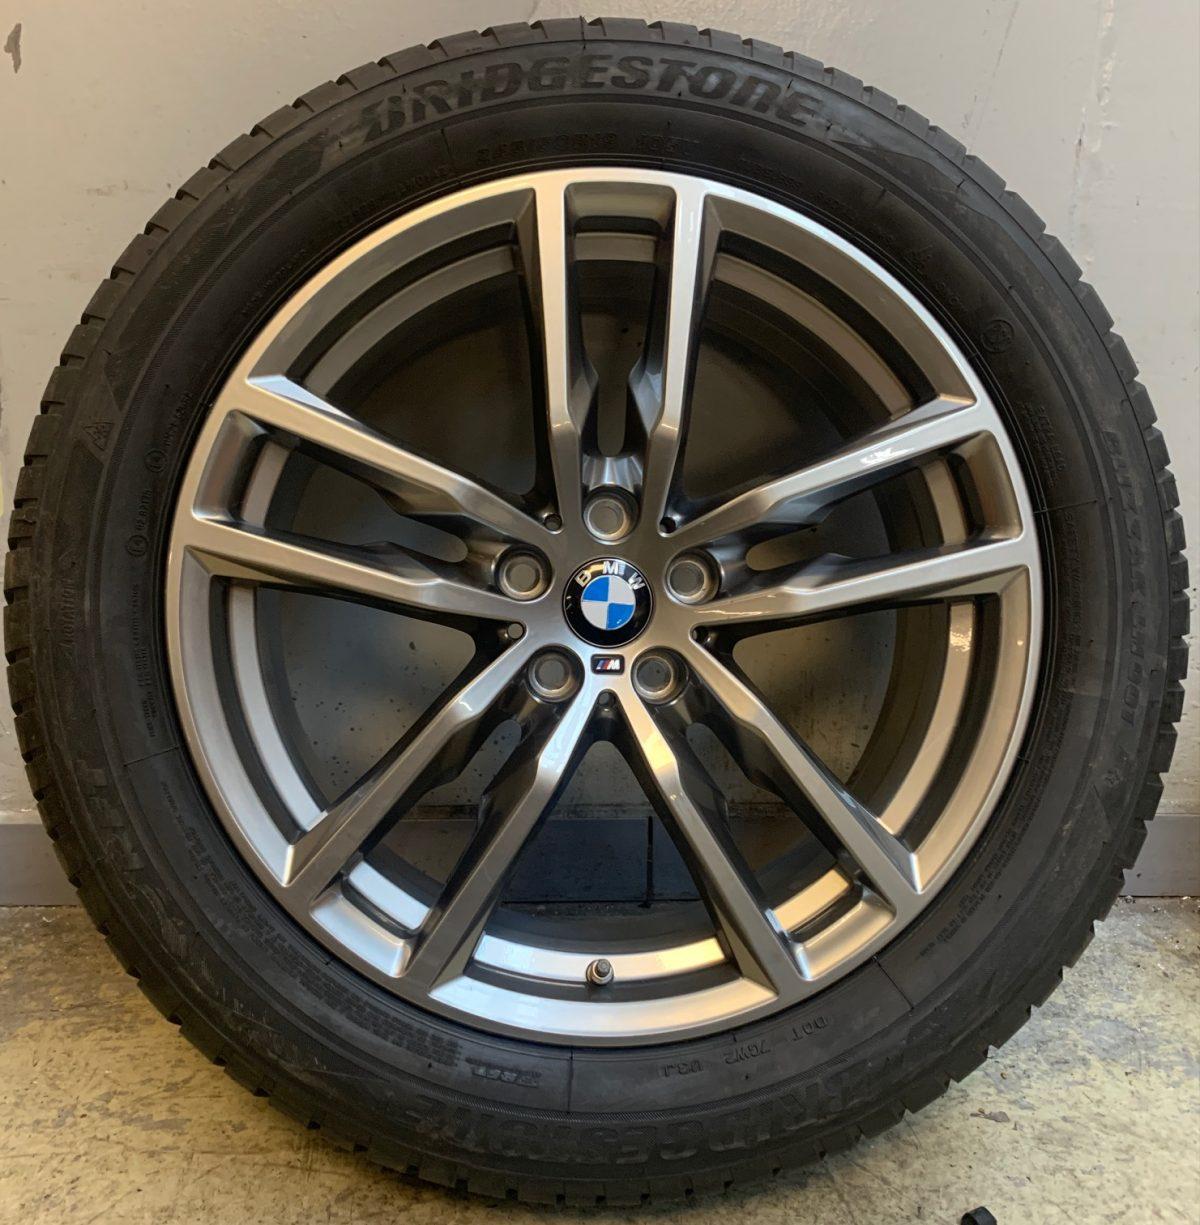 BMW X3-X4 G01-G02 (698M Style) 7,5X19 5X112 új téligarnitúra! Bridgestone gumikkal,nyomásszenzorral 1